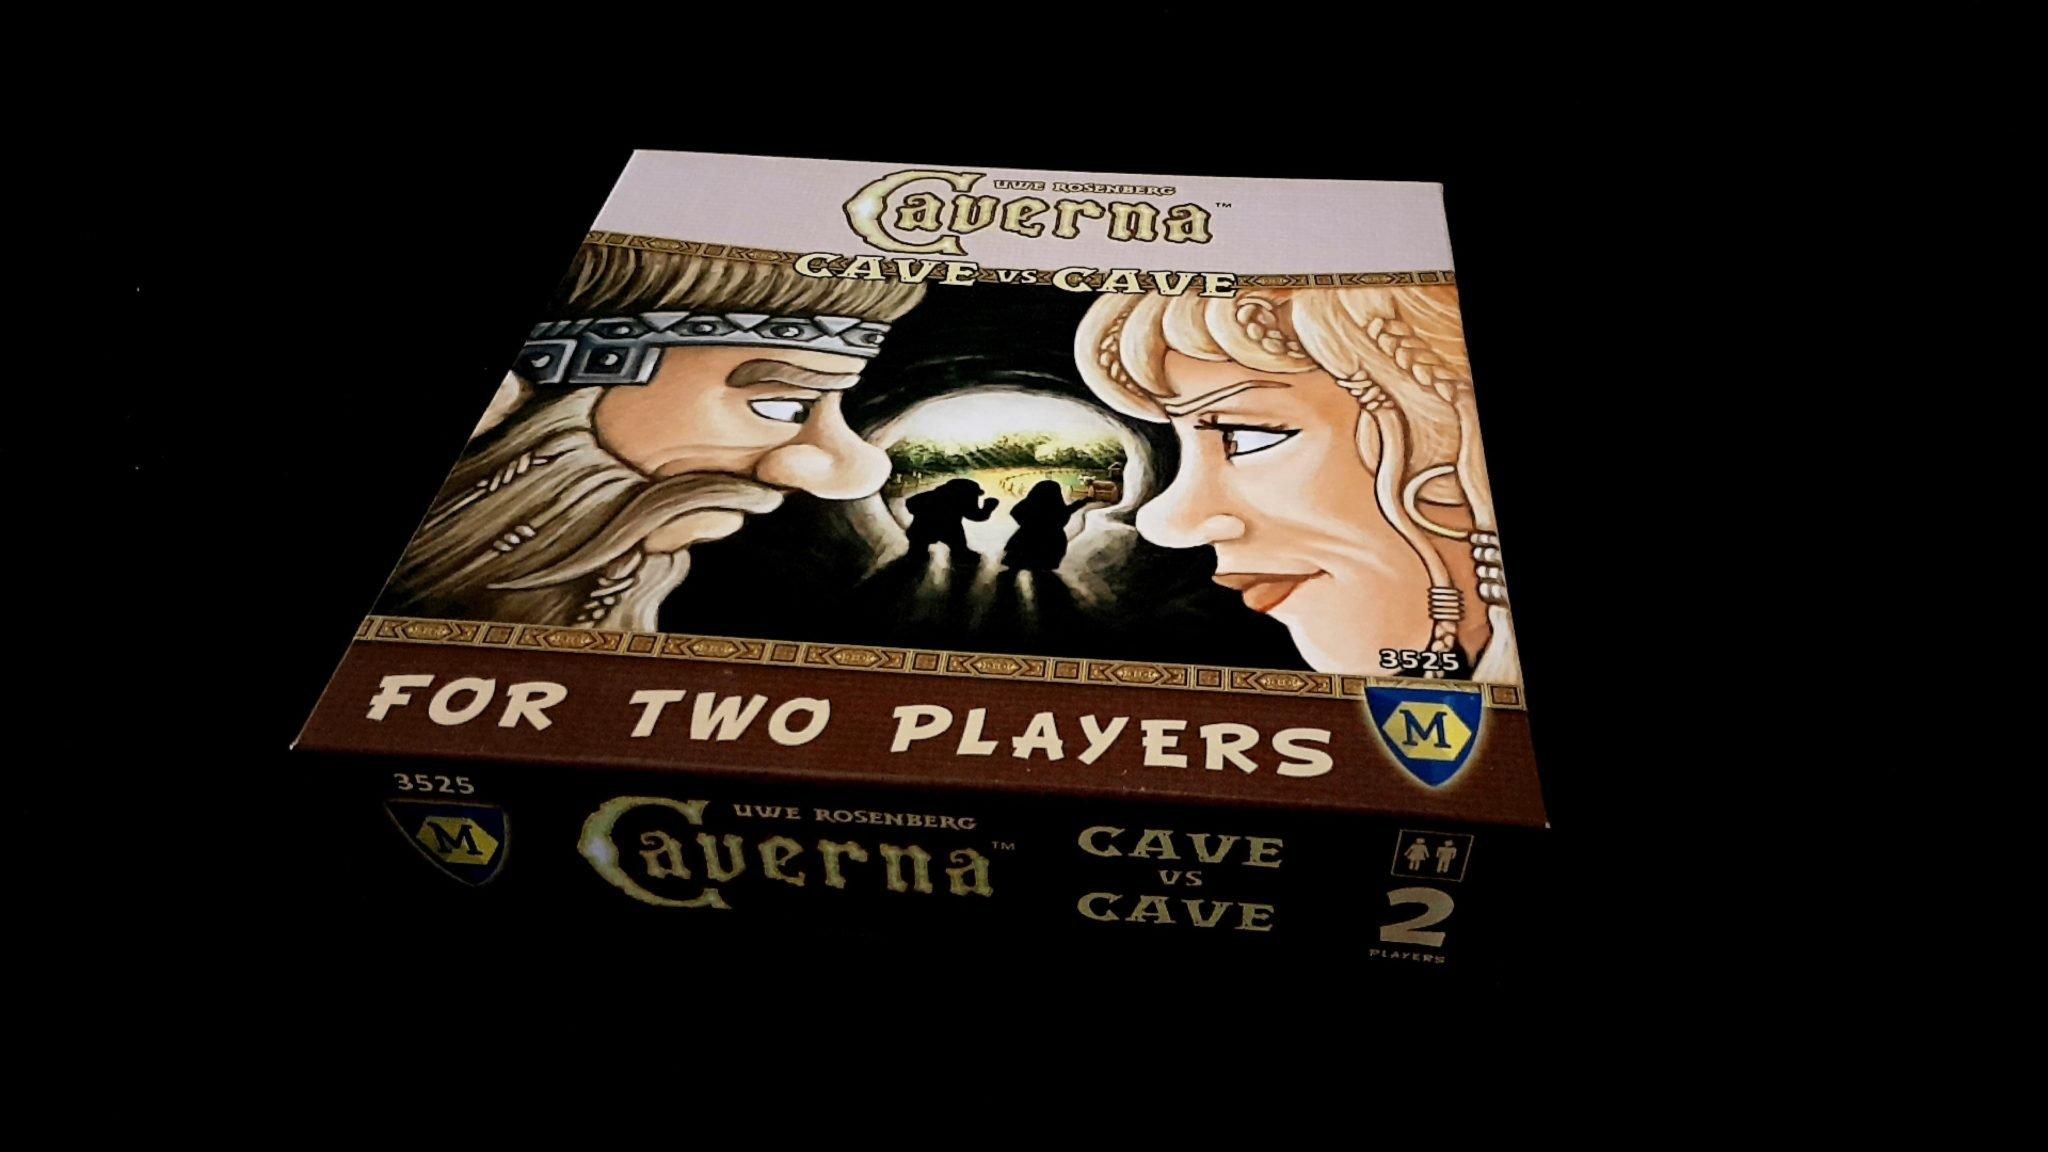 Cave versus Cave box